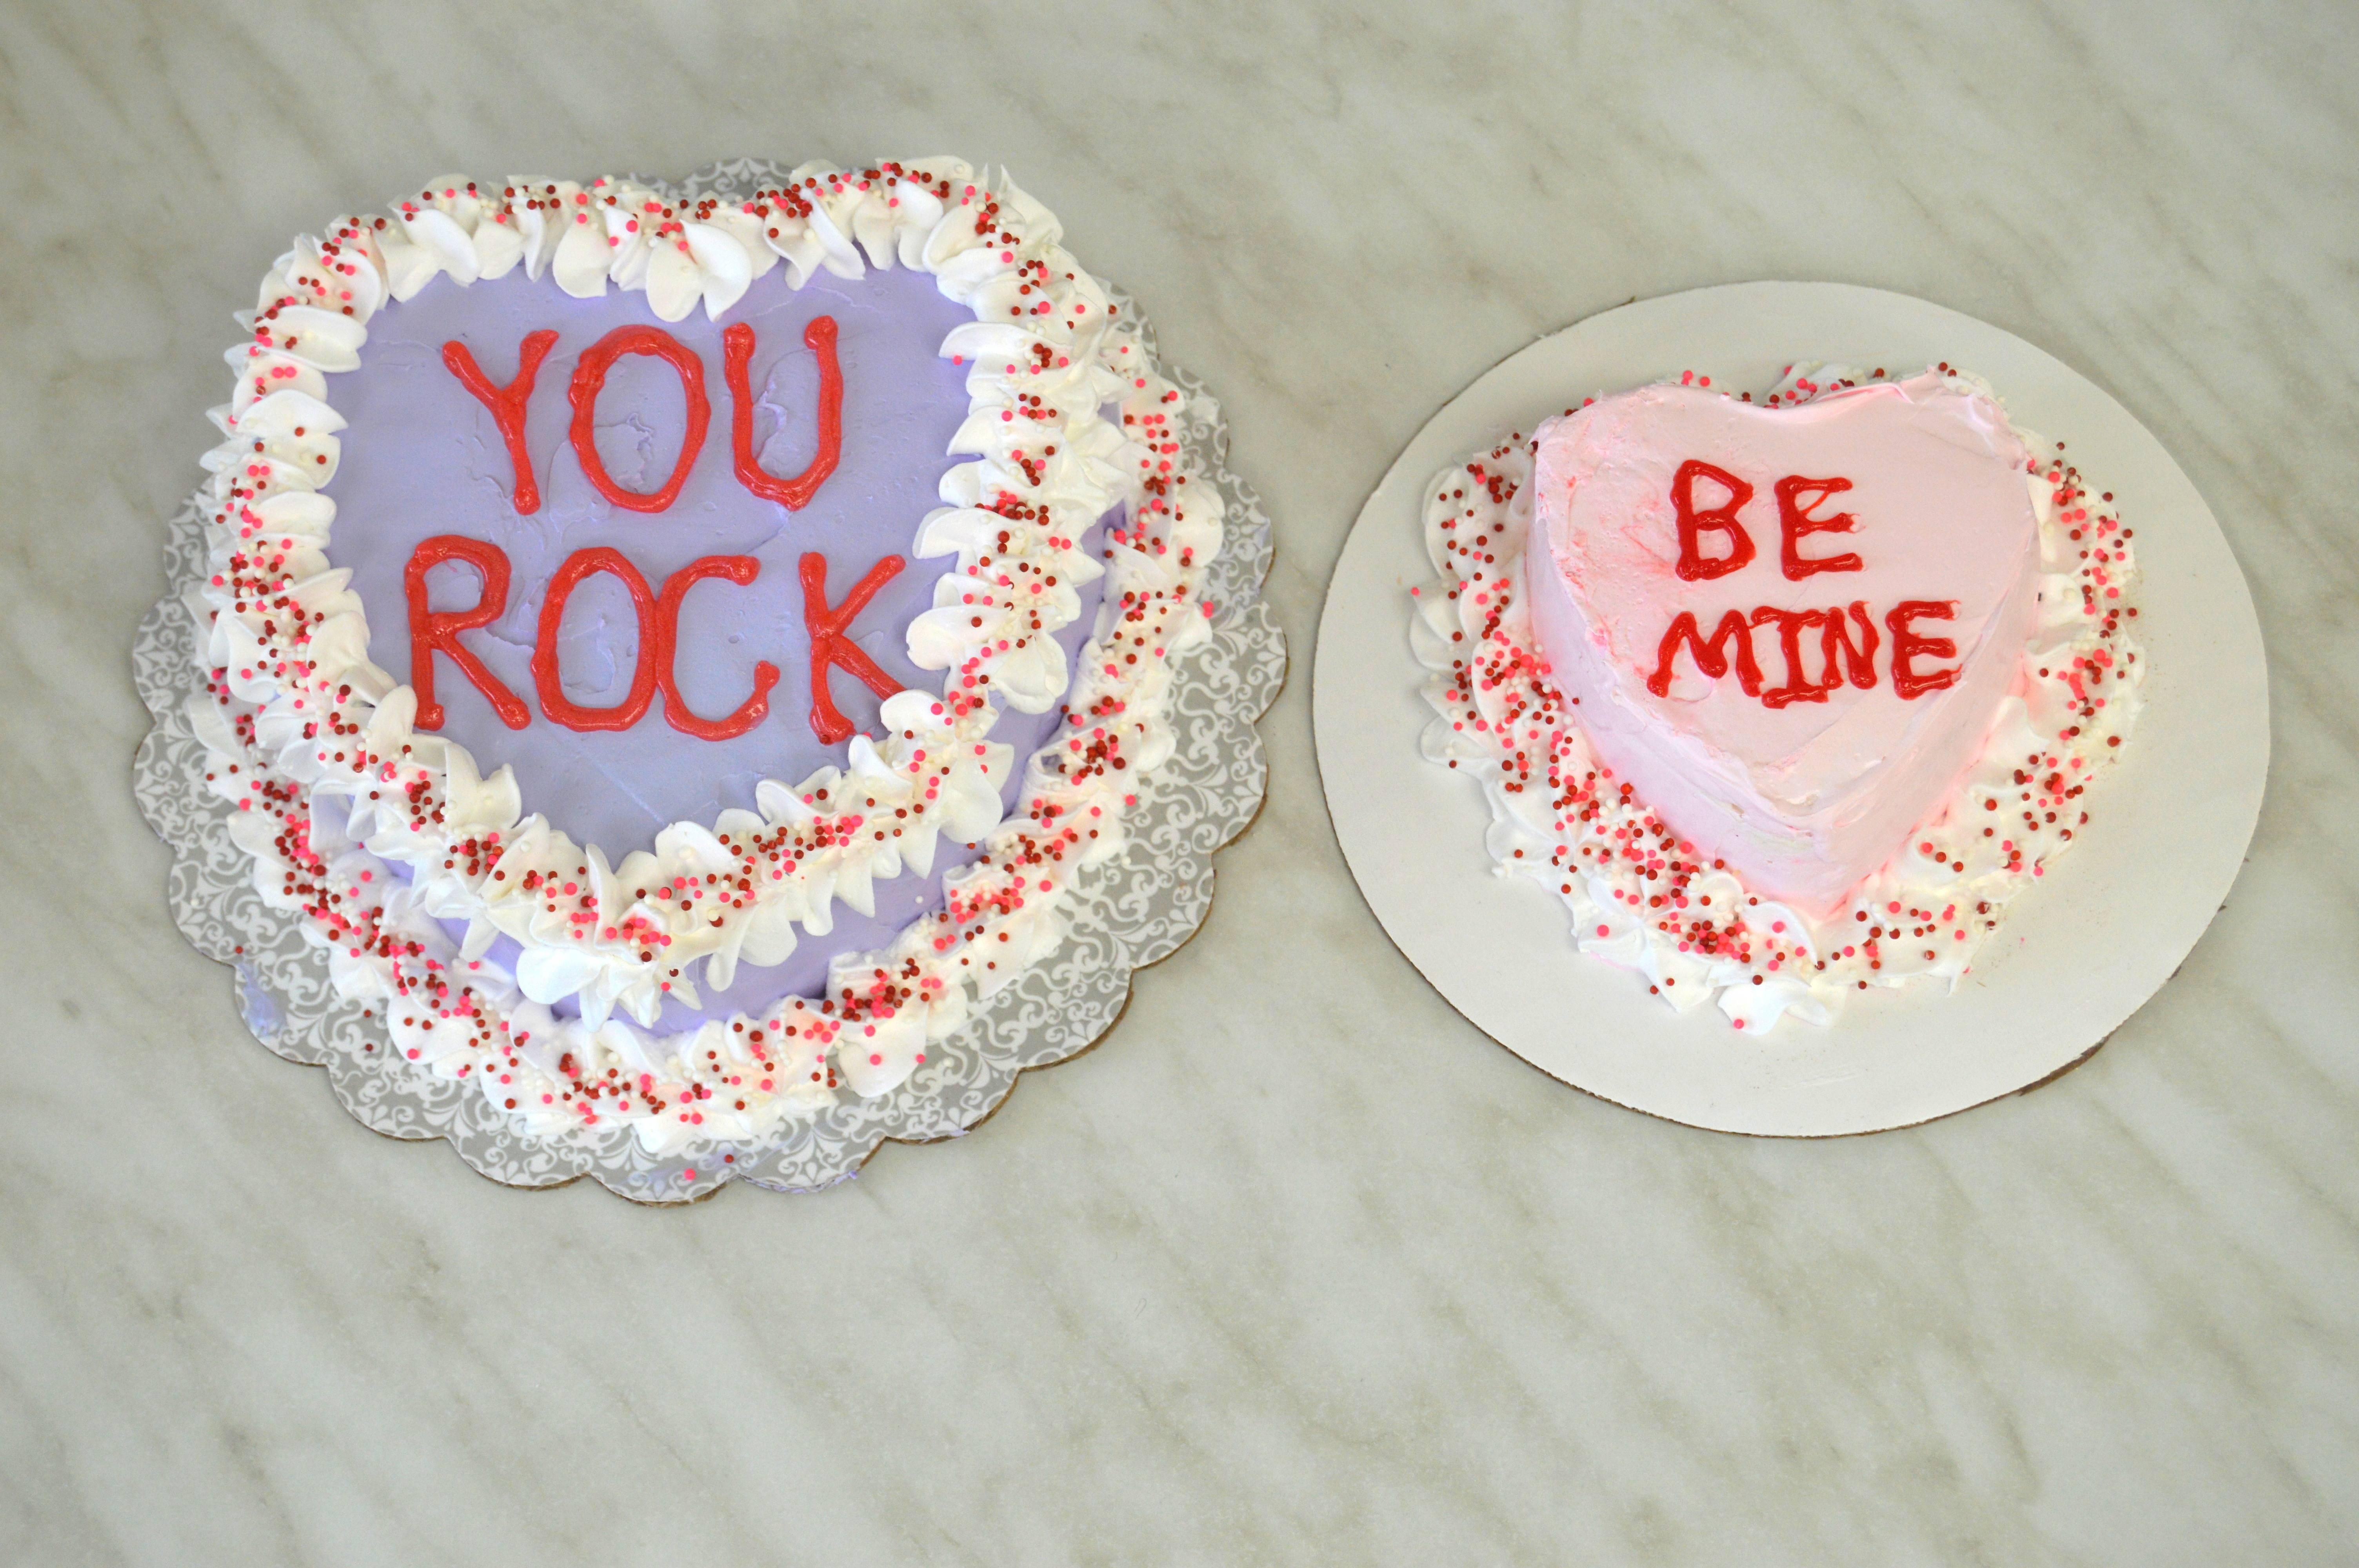 f420d776da25aae96a74_Valentine_s_Day_cakes.JPG